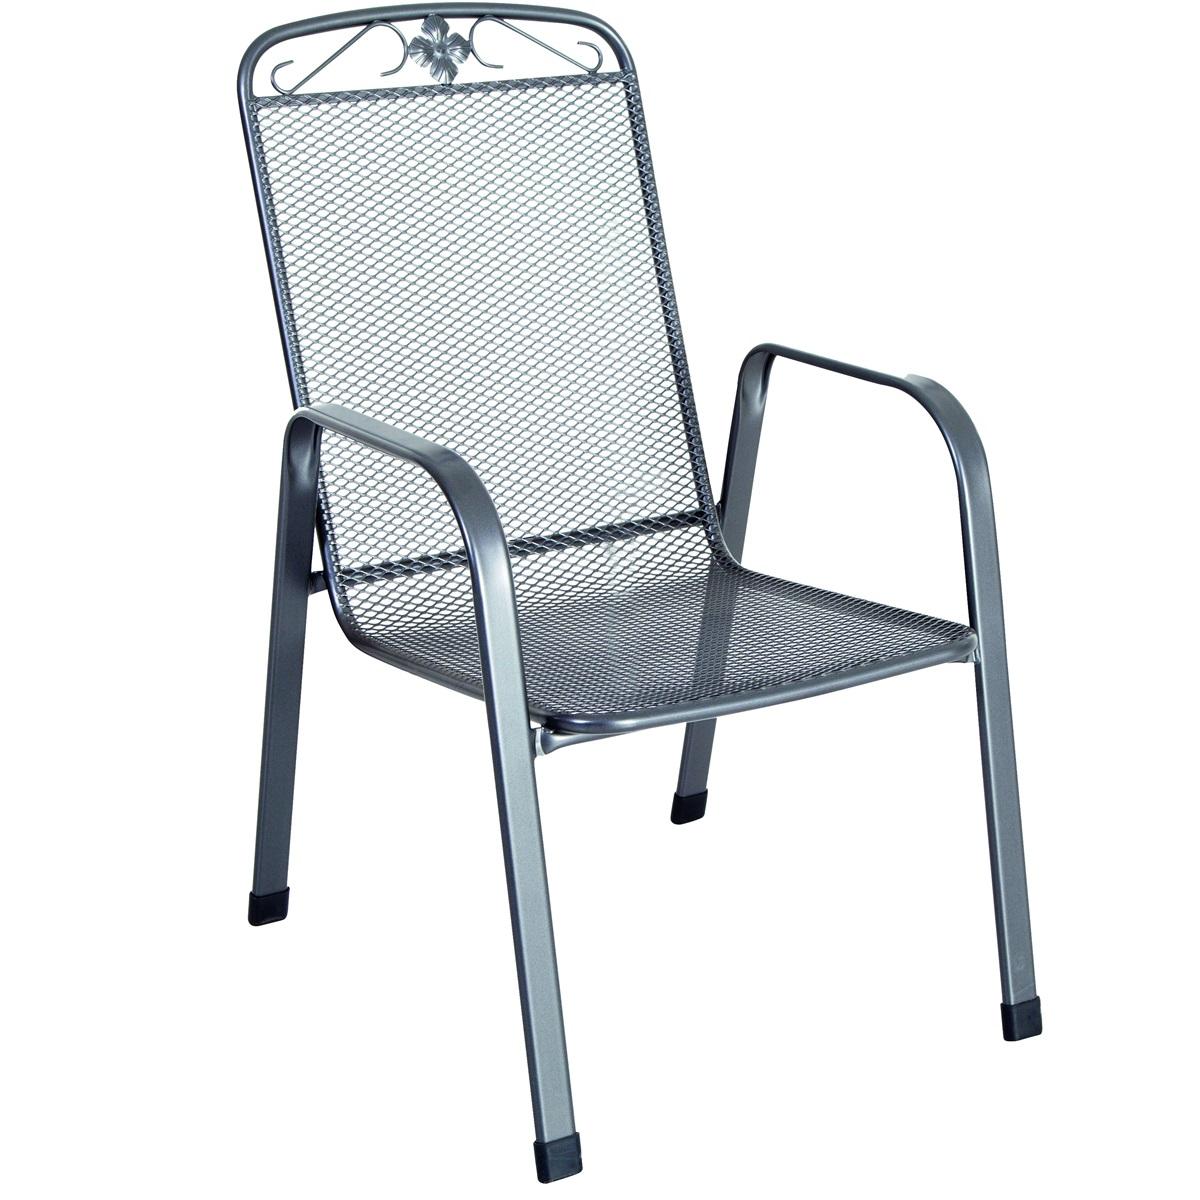 stohovatelná židle z tahokovu, tmavě šedá 75 x 57 x 93 cm MWH Savoy